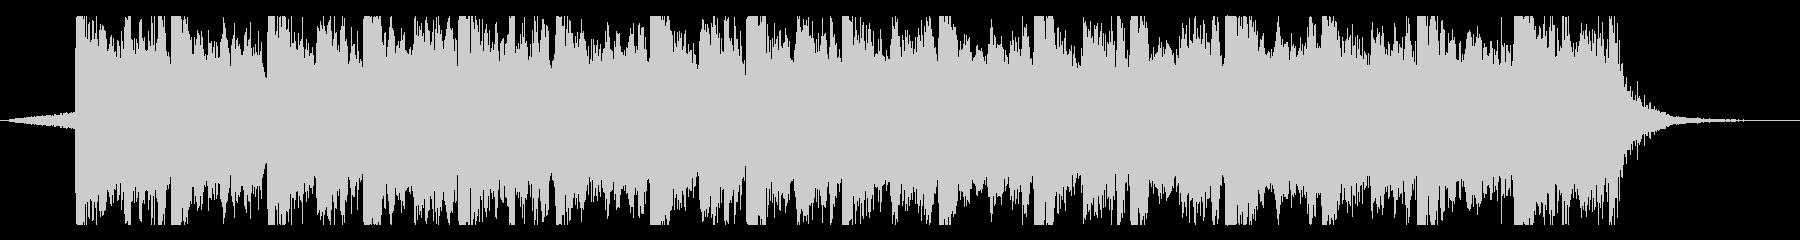 ハリウッド映画風の壮大オーケストラ14cの未再生の波形